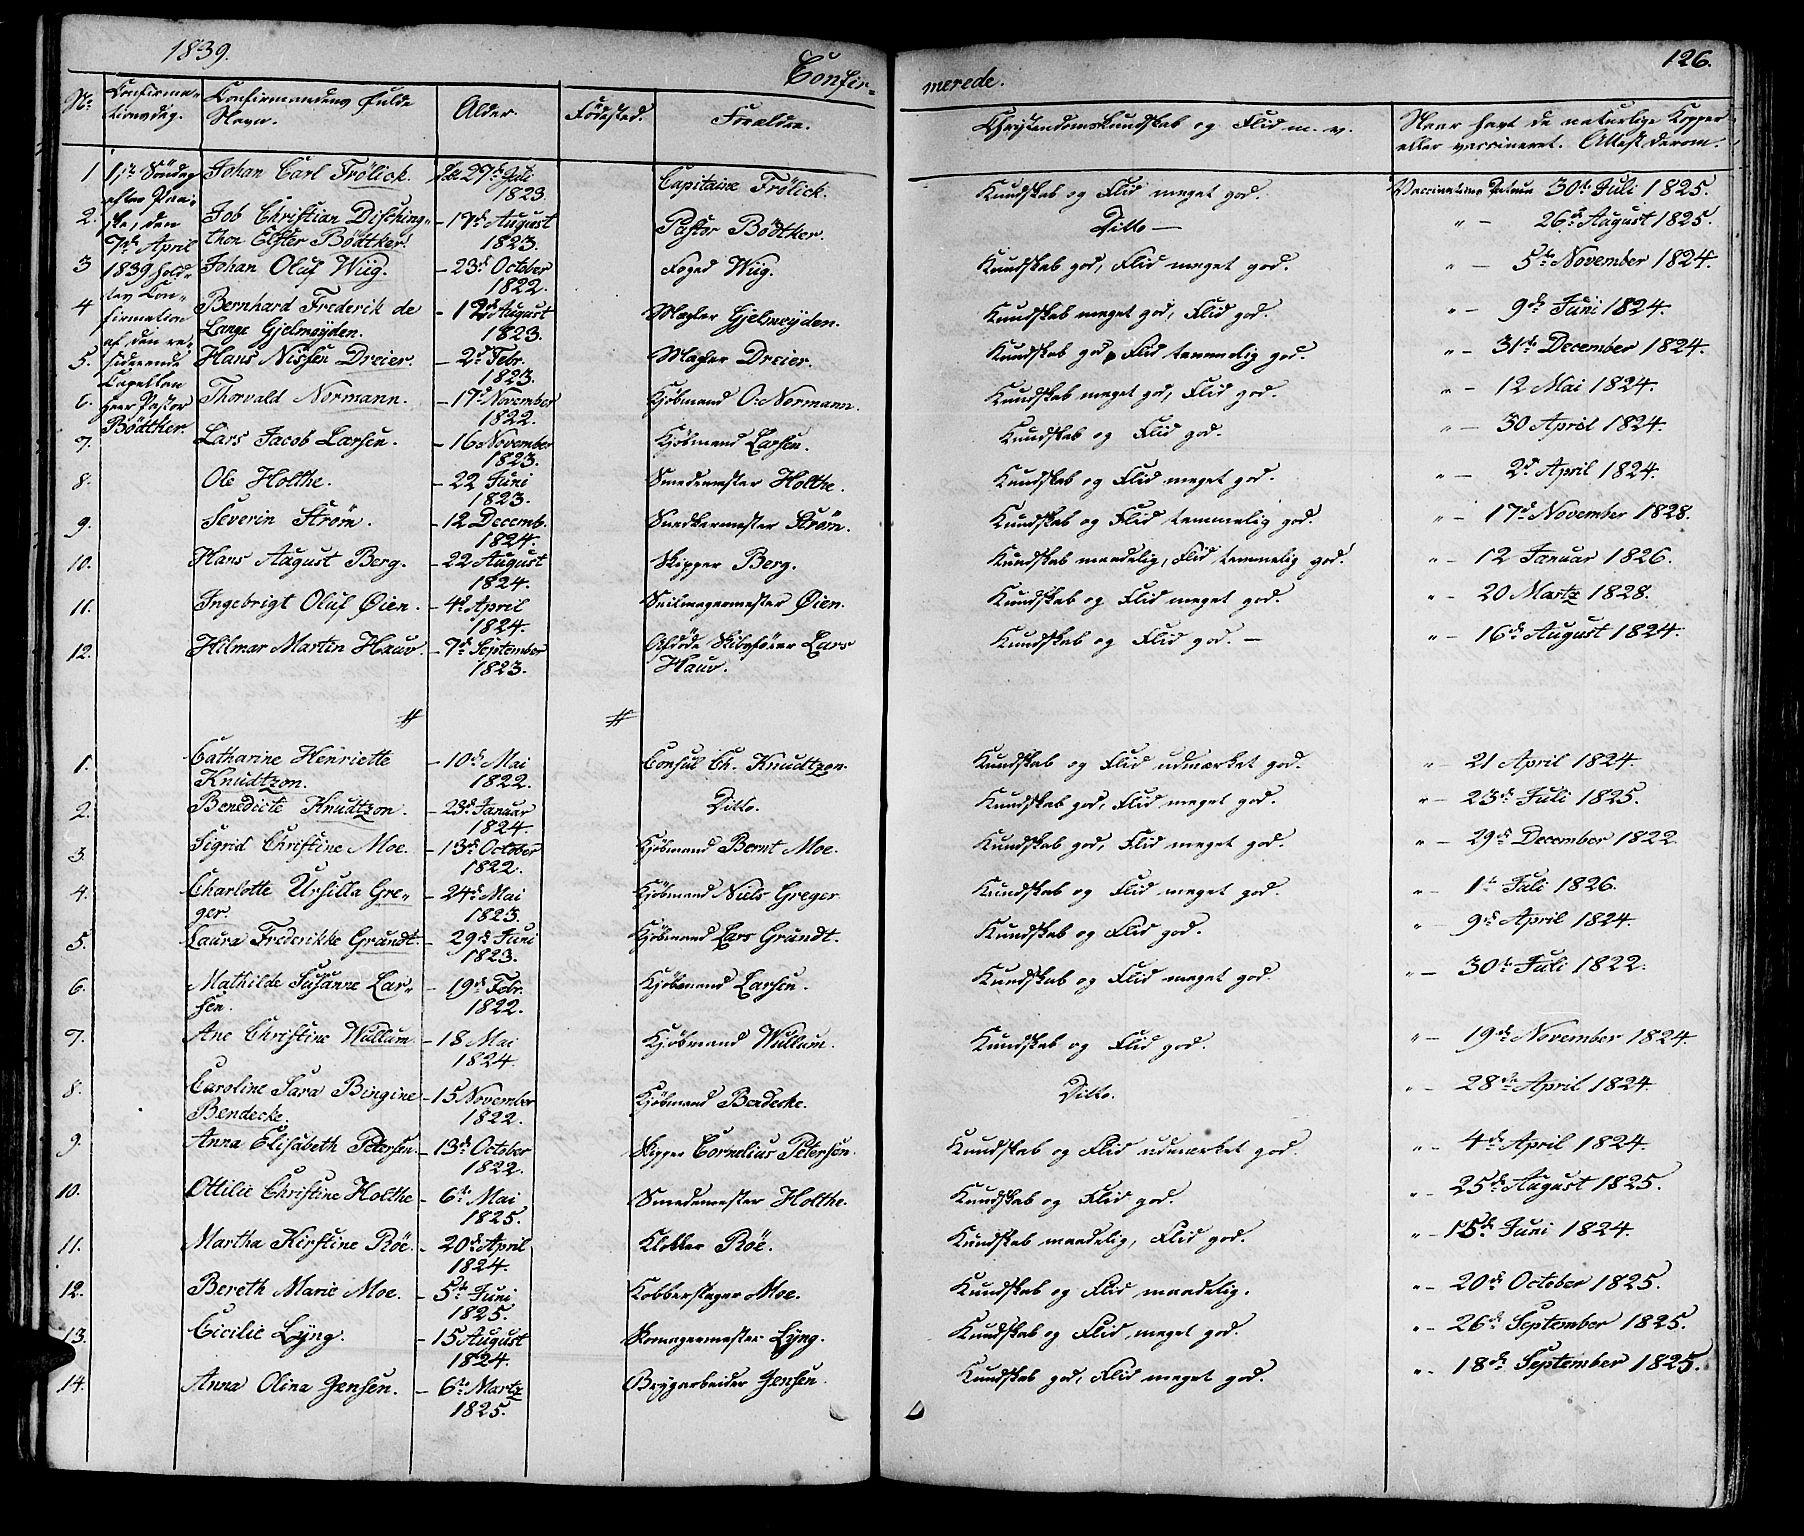 SAT, Ministerialprotokoller, klokkerbøker og fødselsregistre - Sør-Trøndelag, 602/L0136: Klokkerbok nr. 602C04, 1833-1845, s. 126